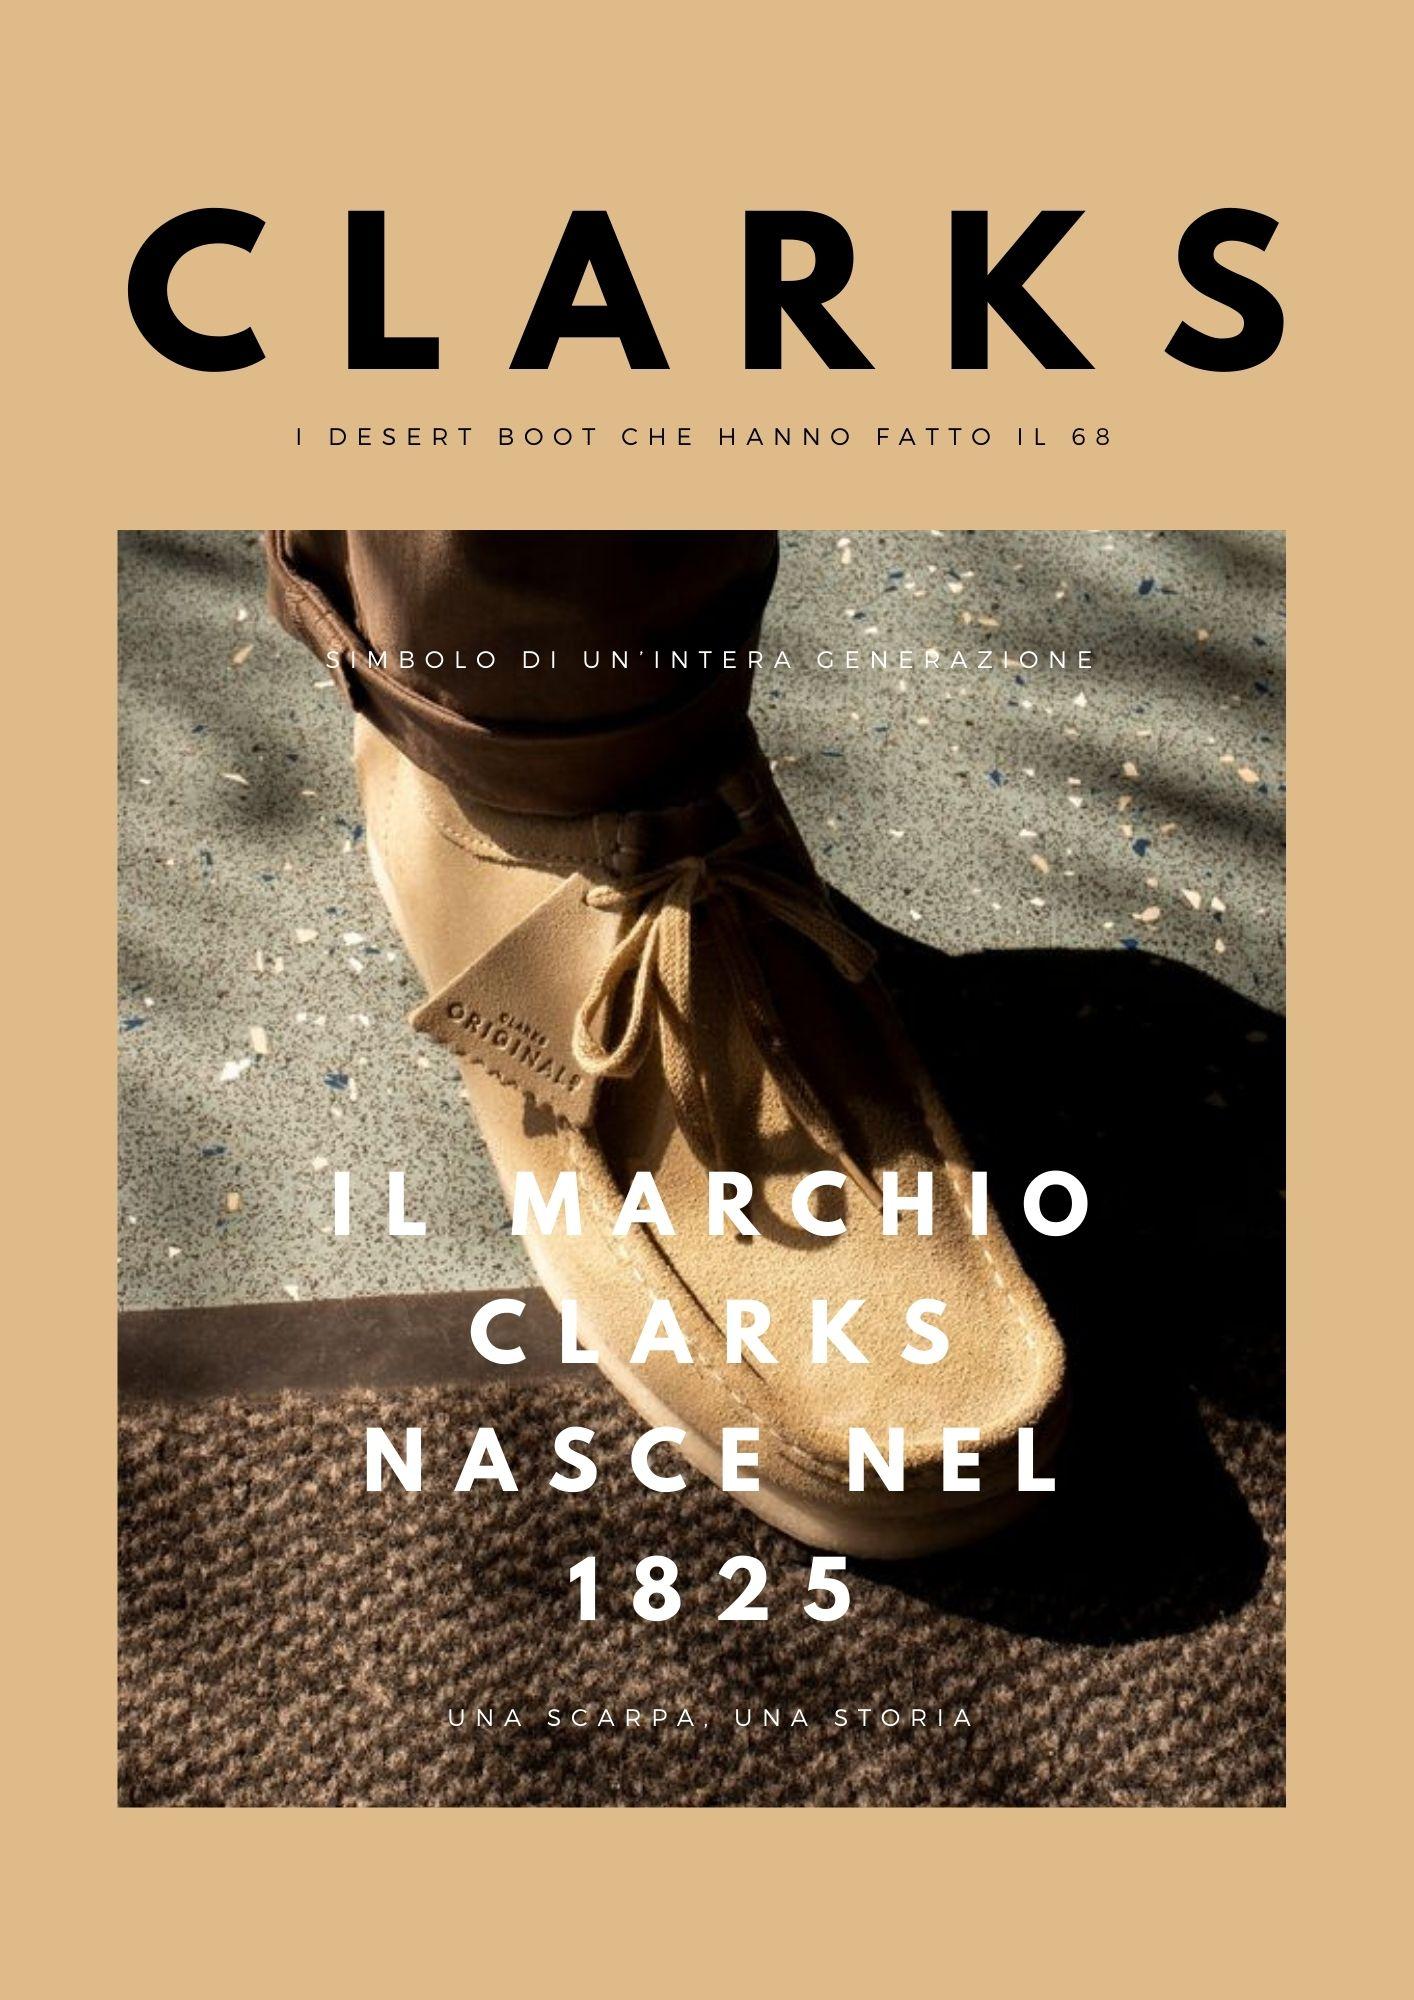 Scopri la nuova collezione Clarks